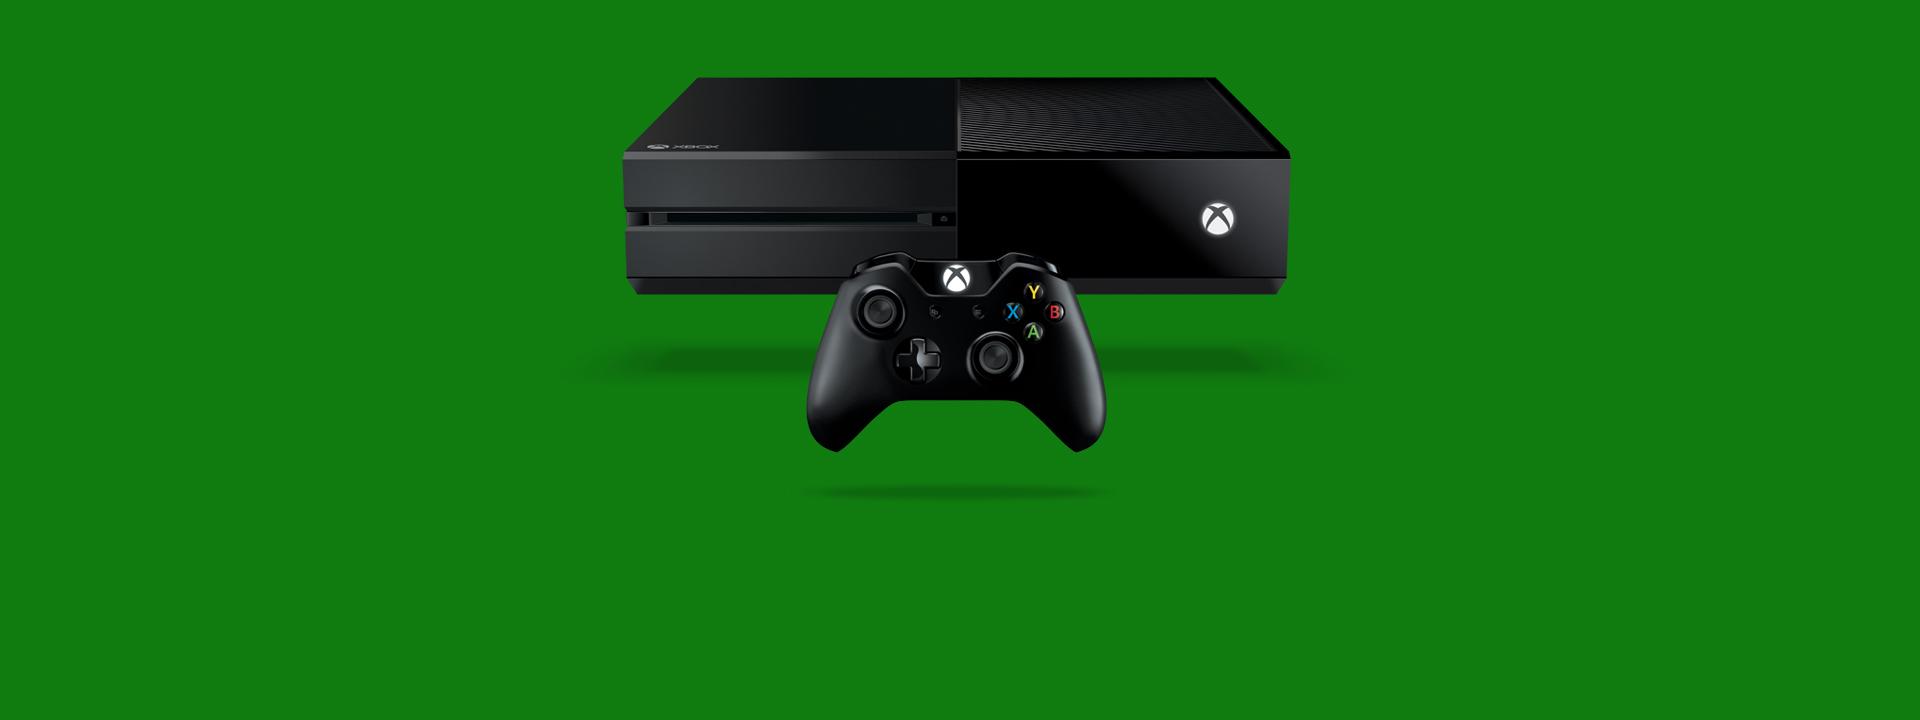 Xbox-konzol és -kontroller; a legújabb konzolok megvásárlása